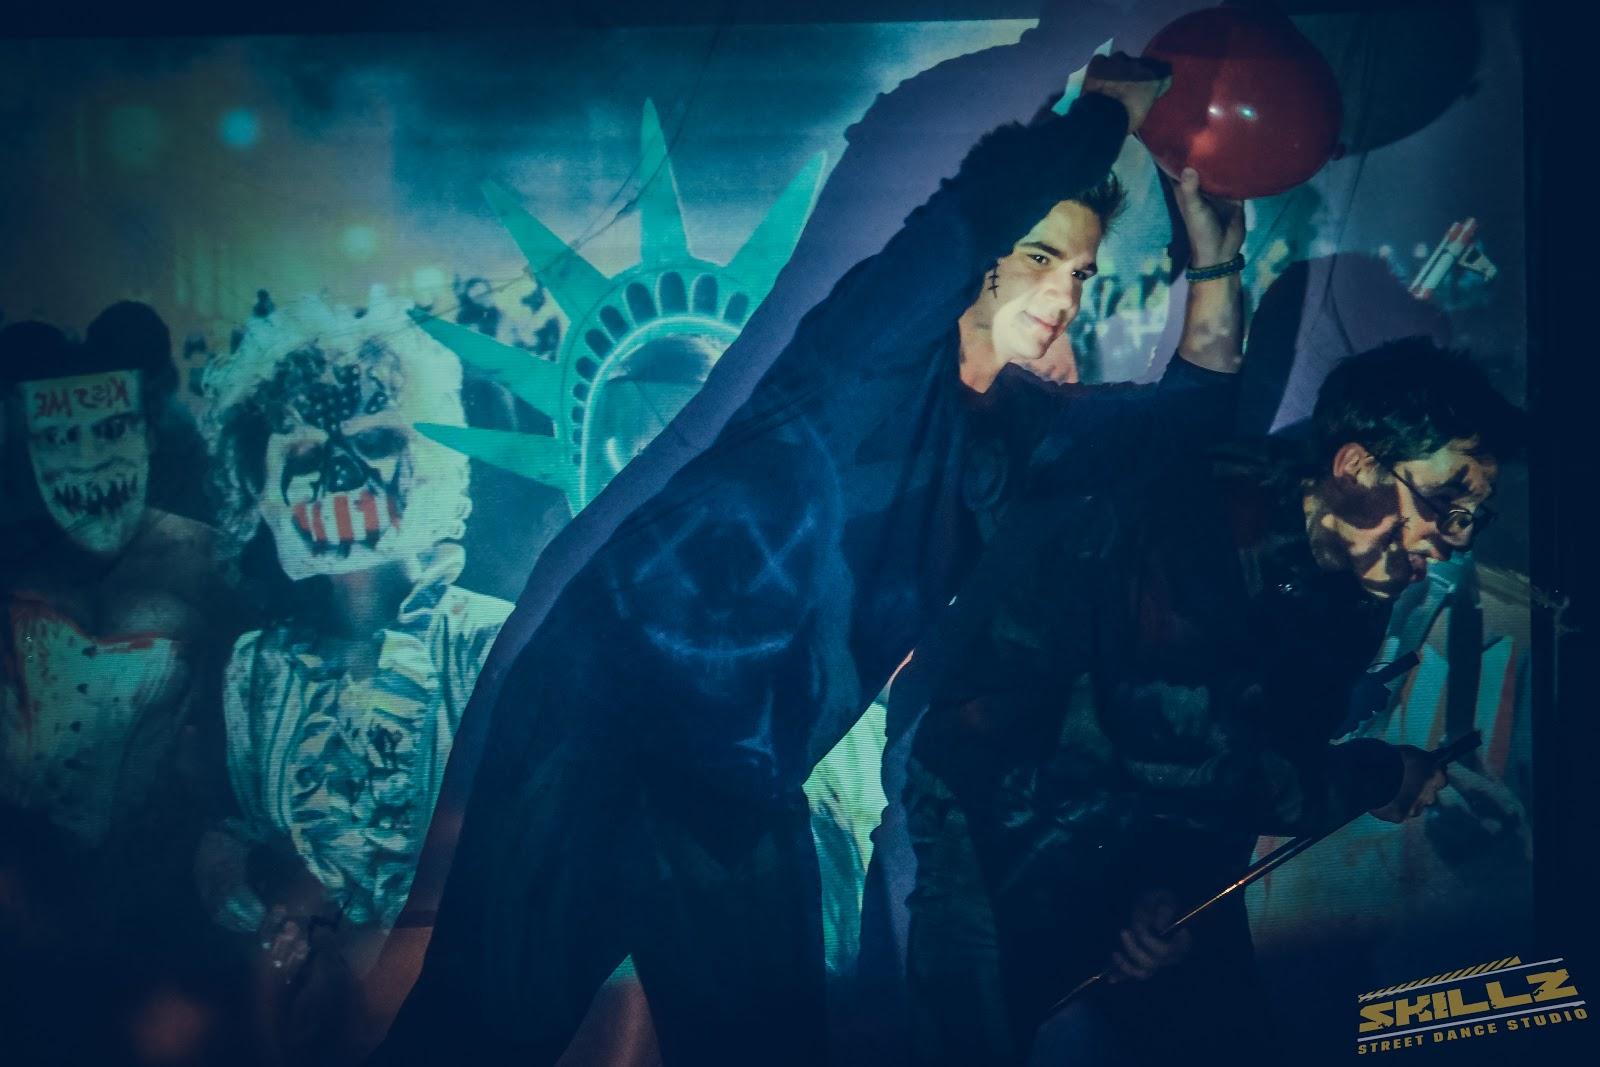 Naujikų krikštynos @SKILLZ (Halloween tema) - PANA1573.jpg